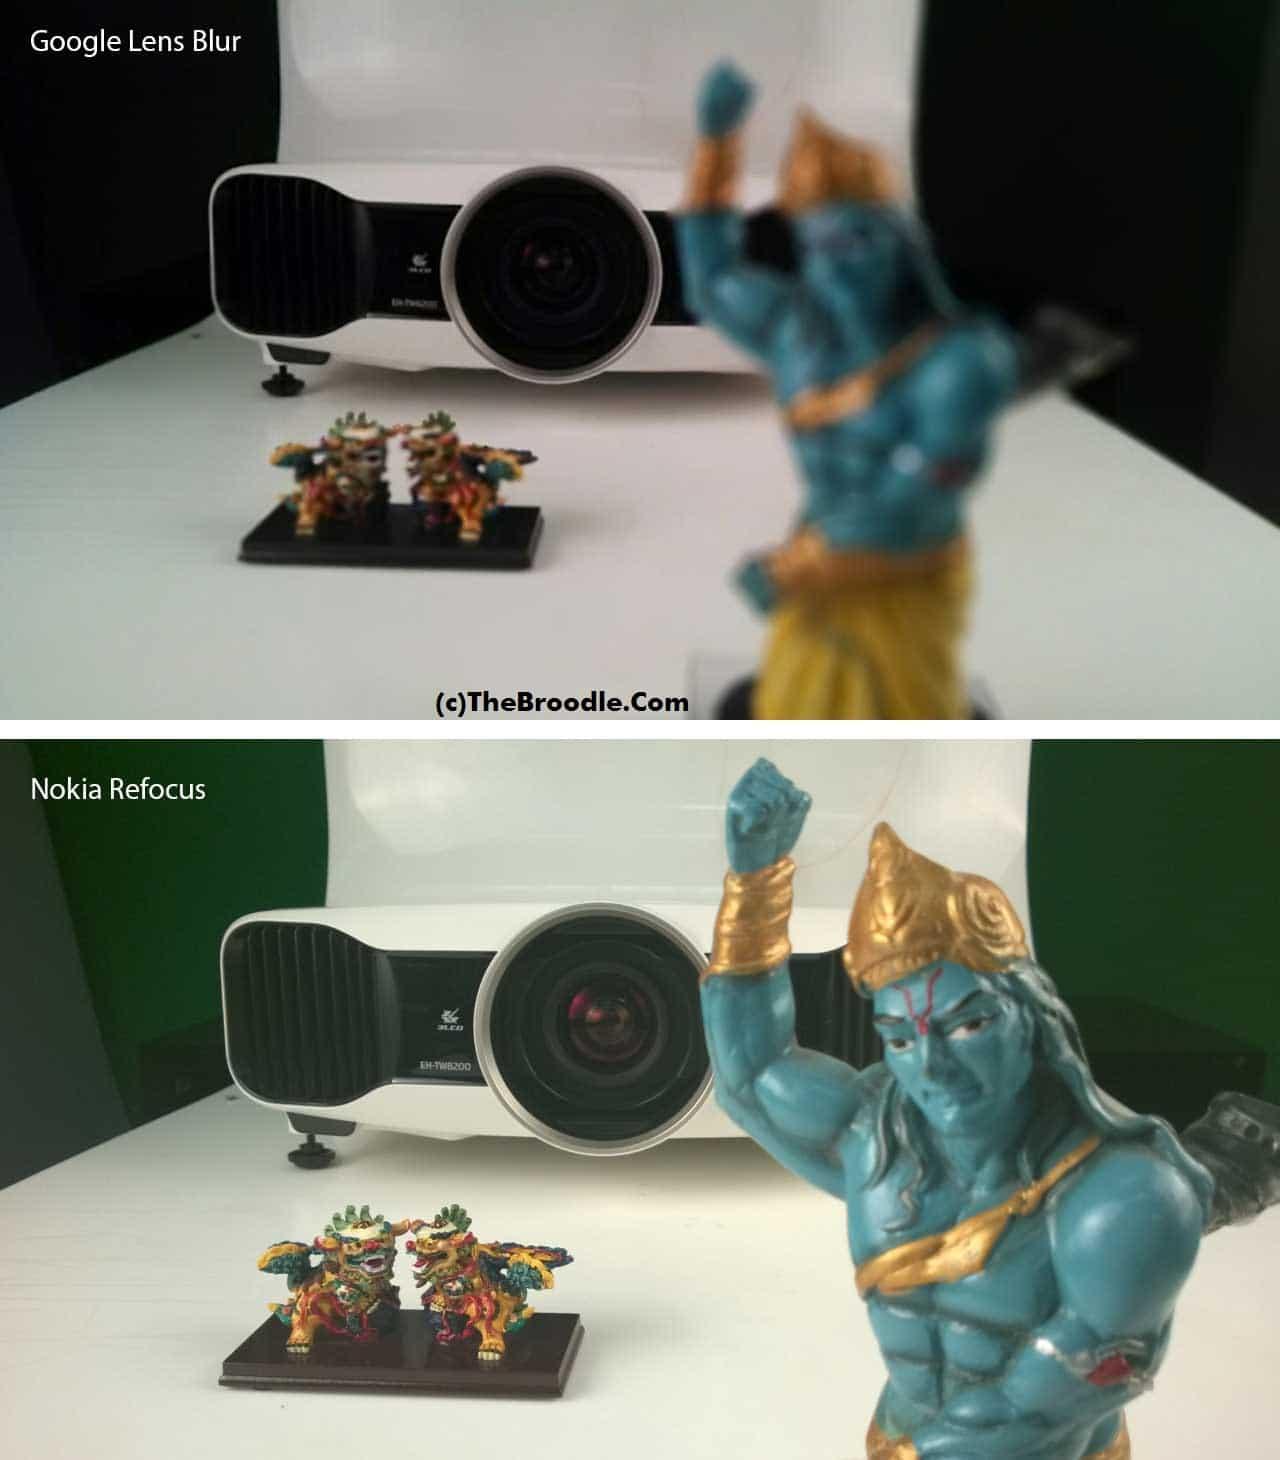 Google Lens Blur and Nokia Refocus